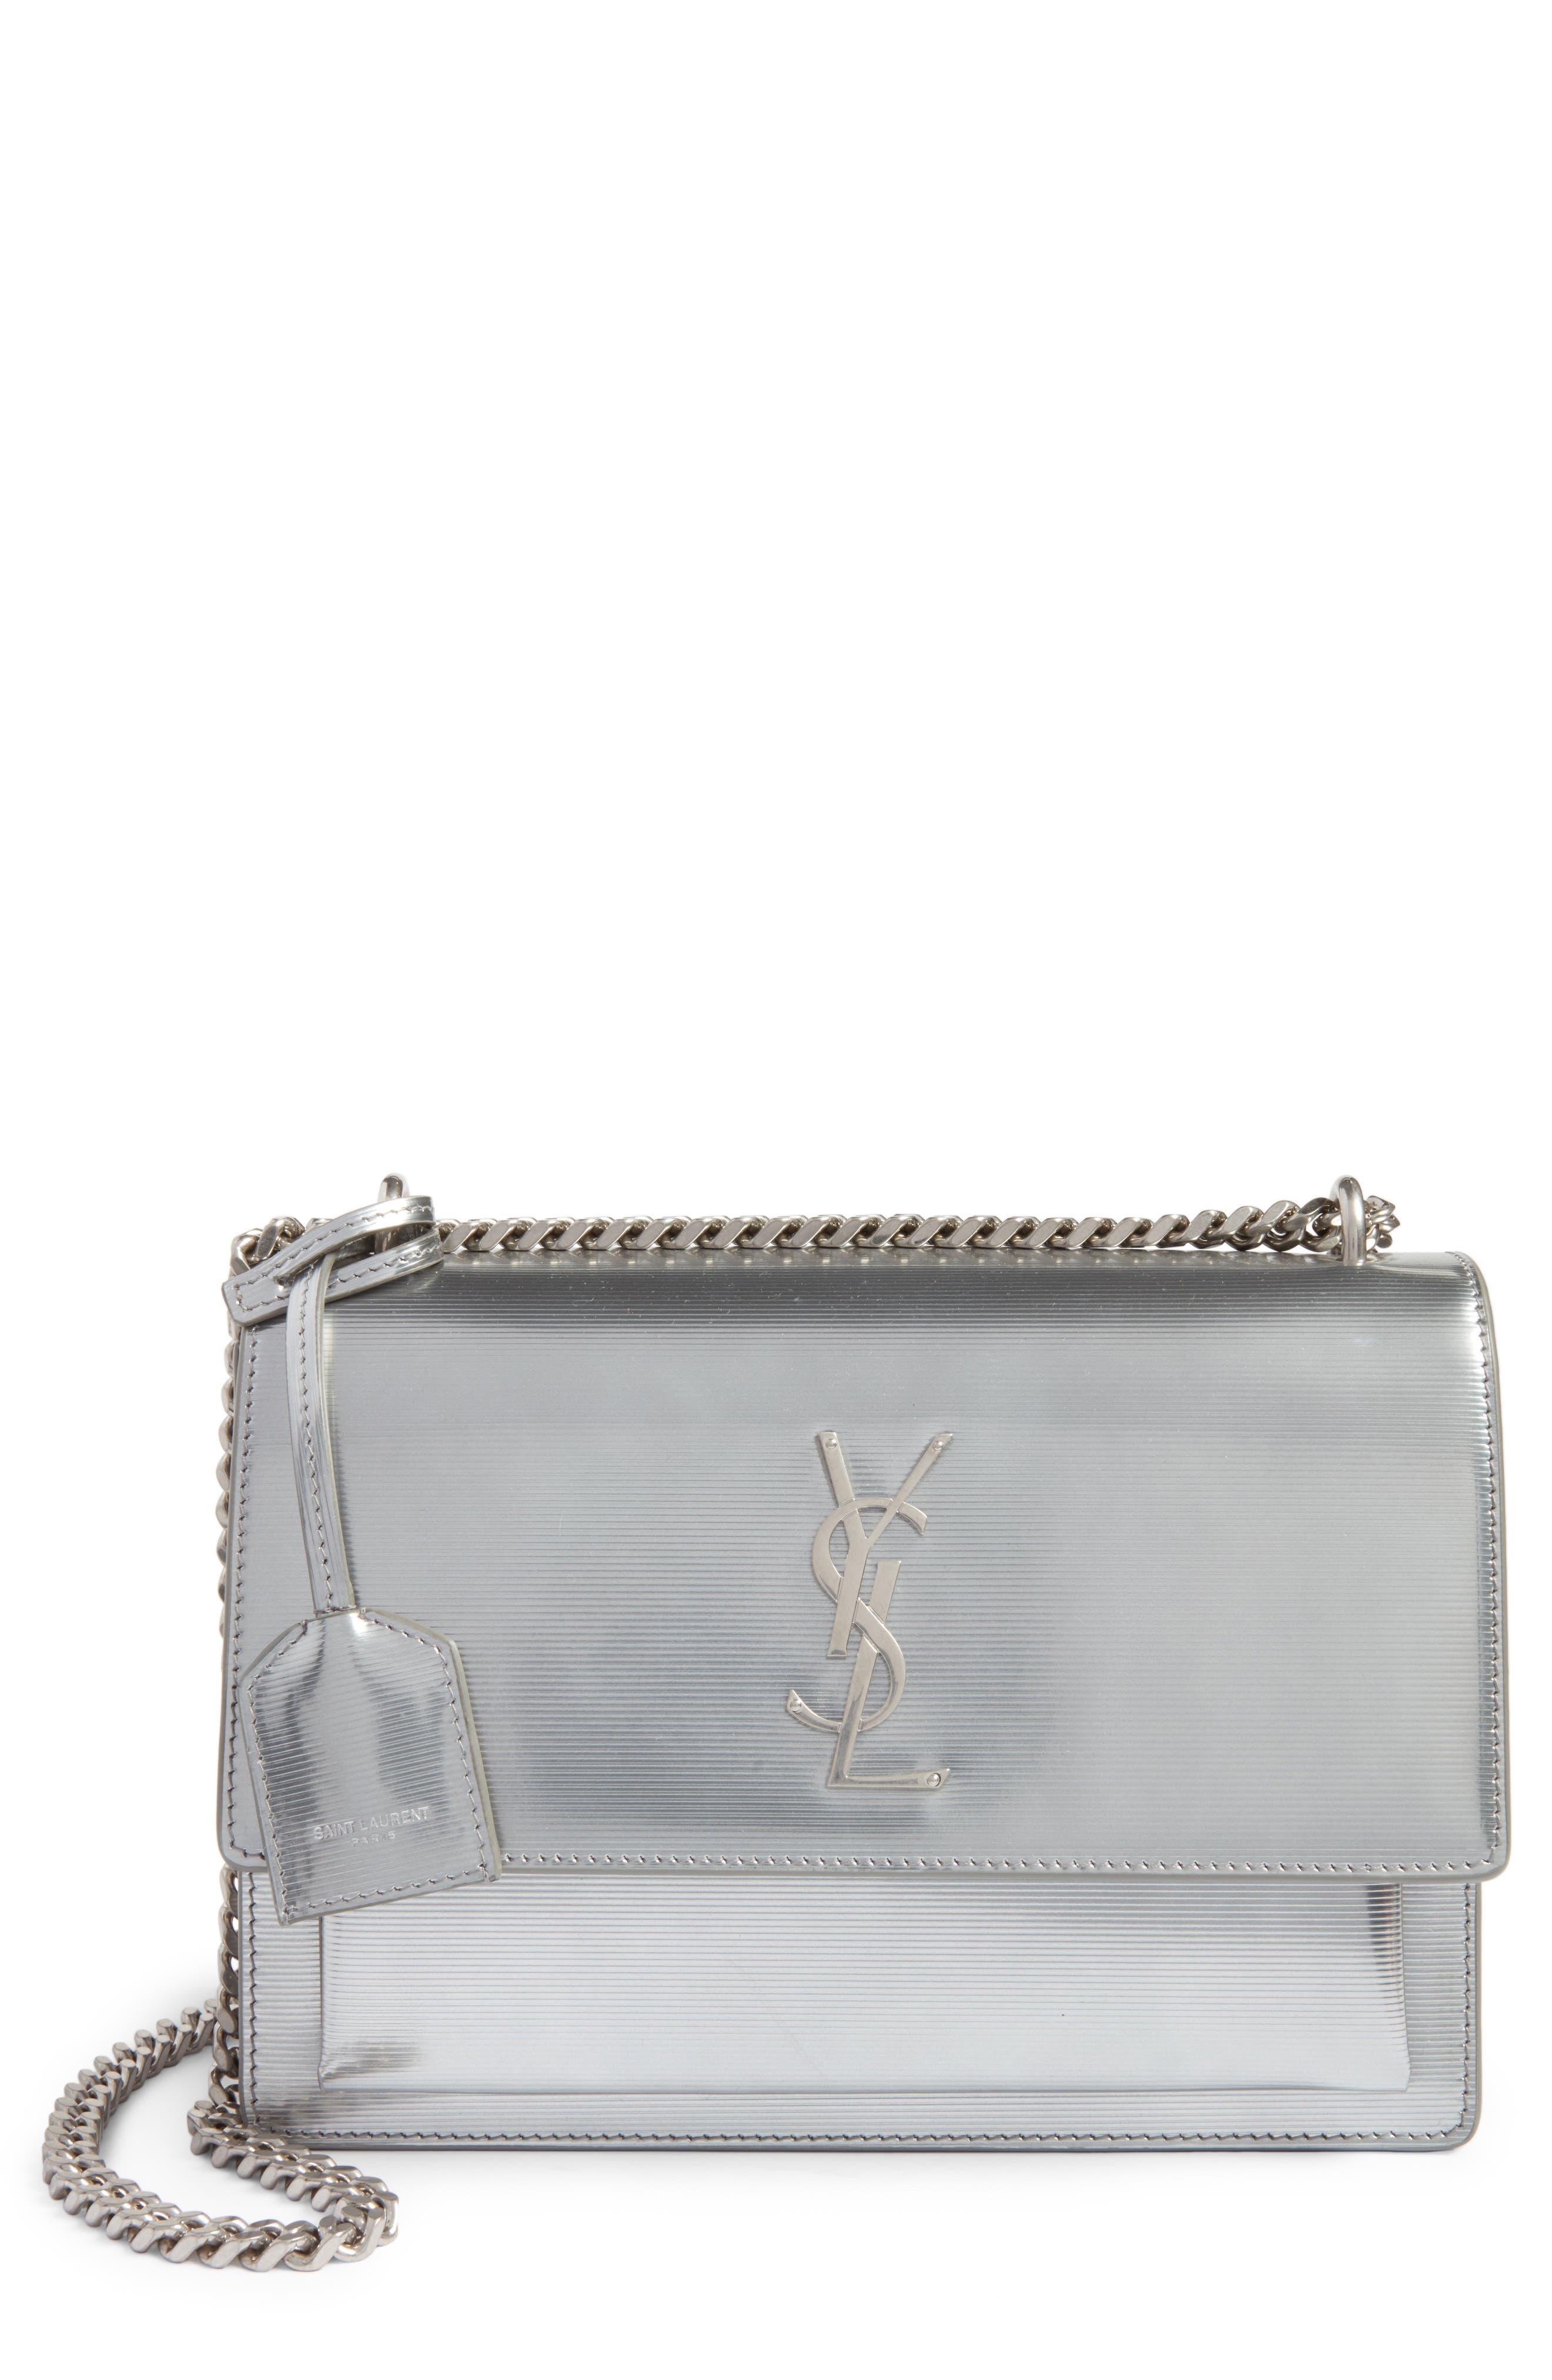 SAINT LAURENT Medium Sunset Opium Leather Crossbody Bag